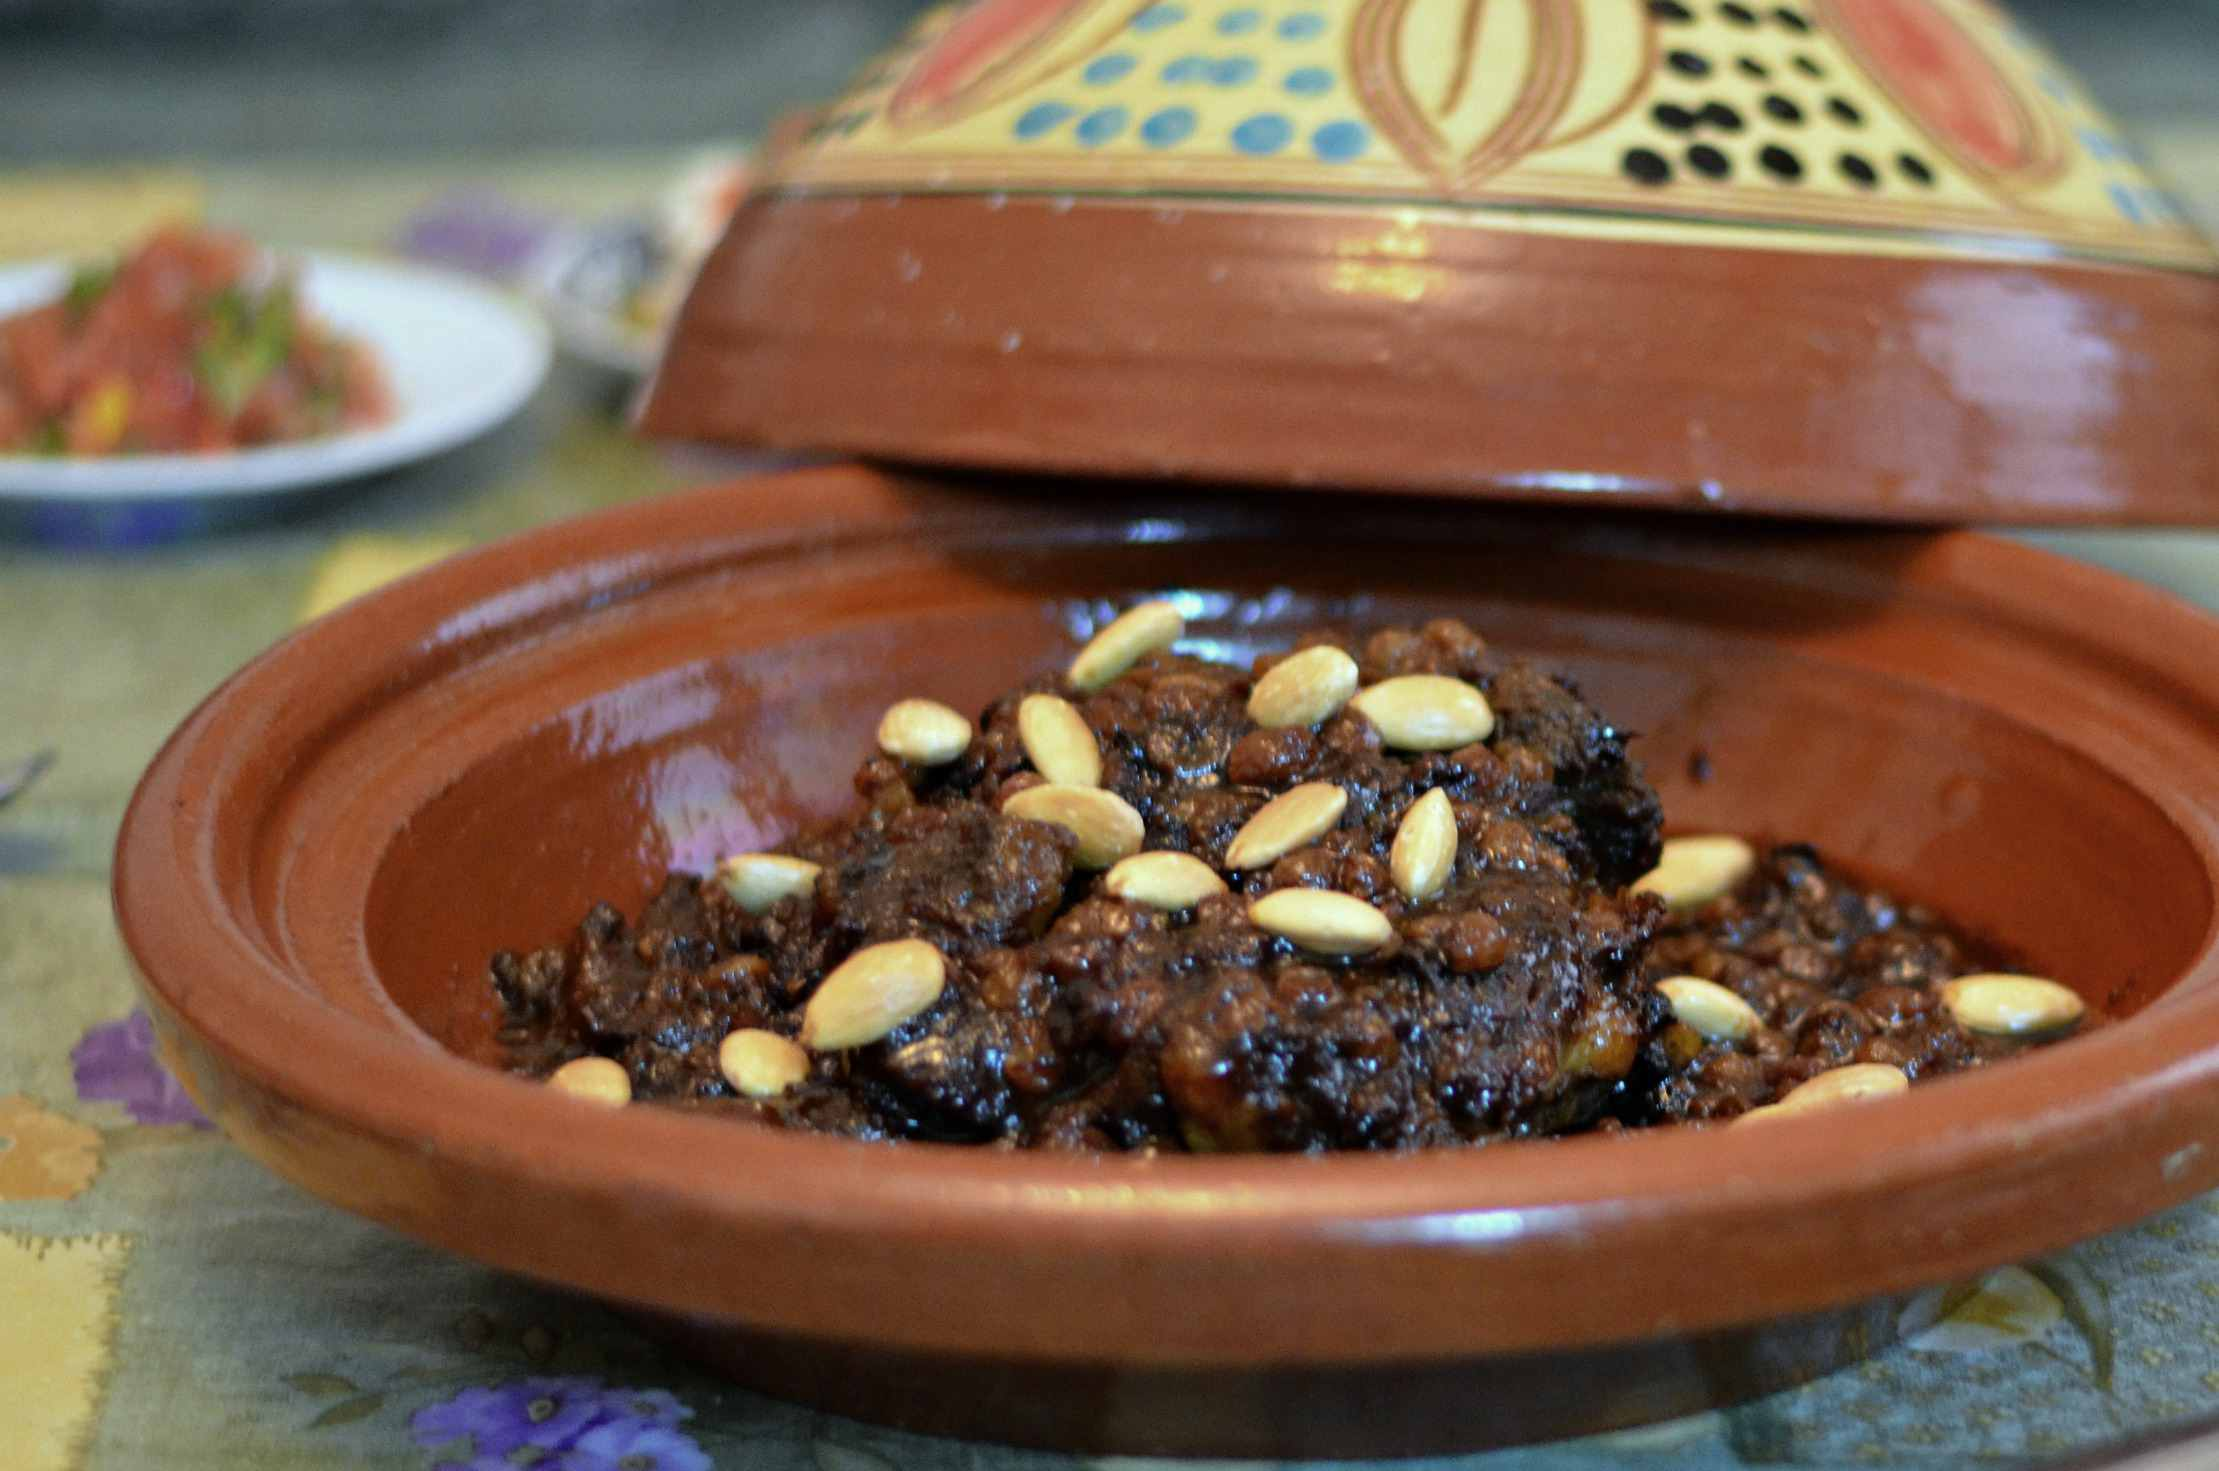 Moroccan recipes using ras el hanout forumfinder Gallery